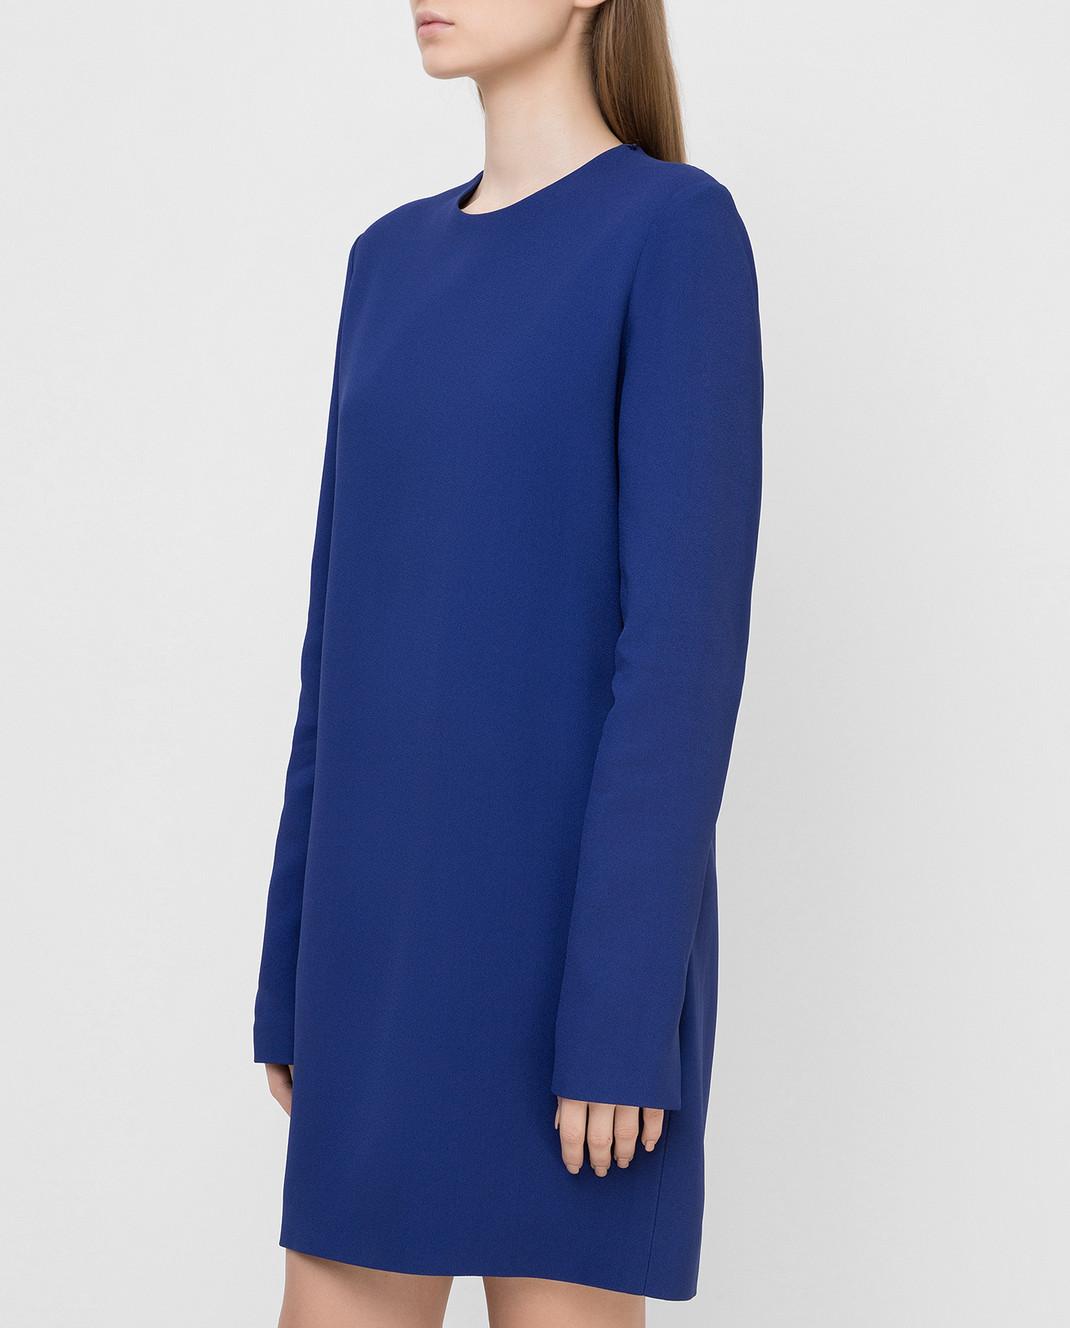 Victoria Beckham Синее платье 517 изображение 3